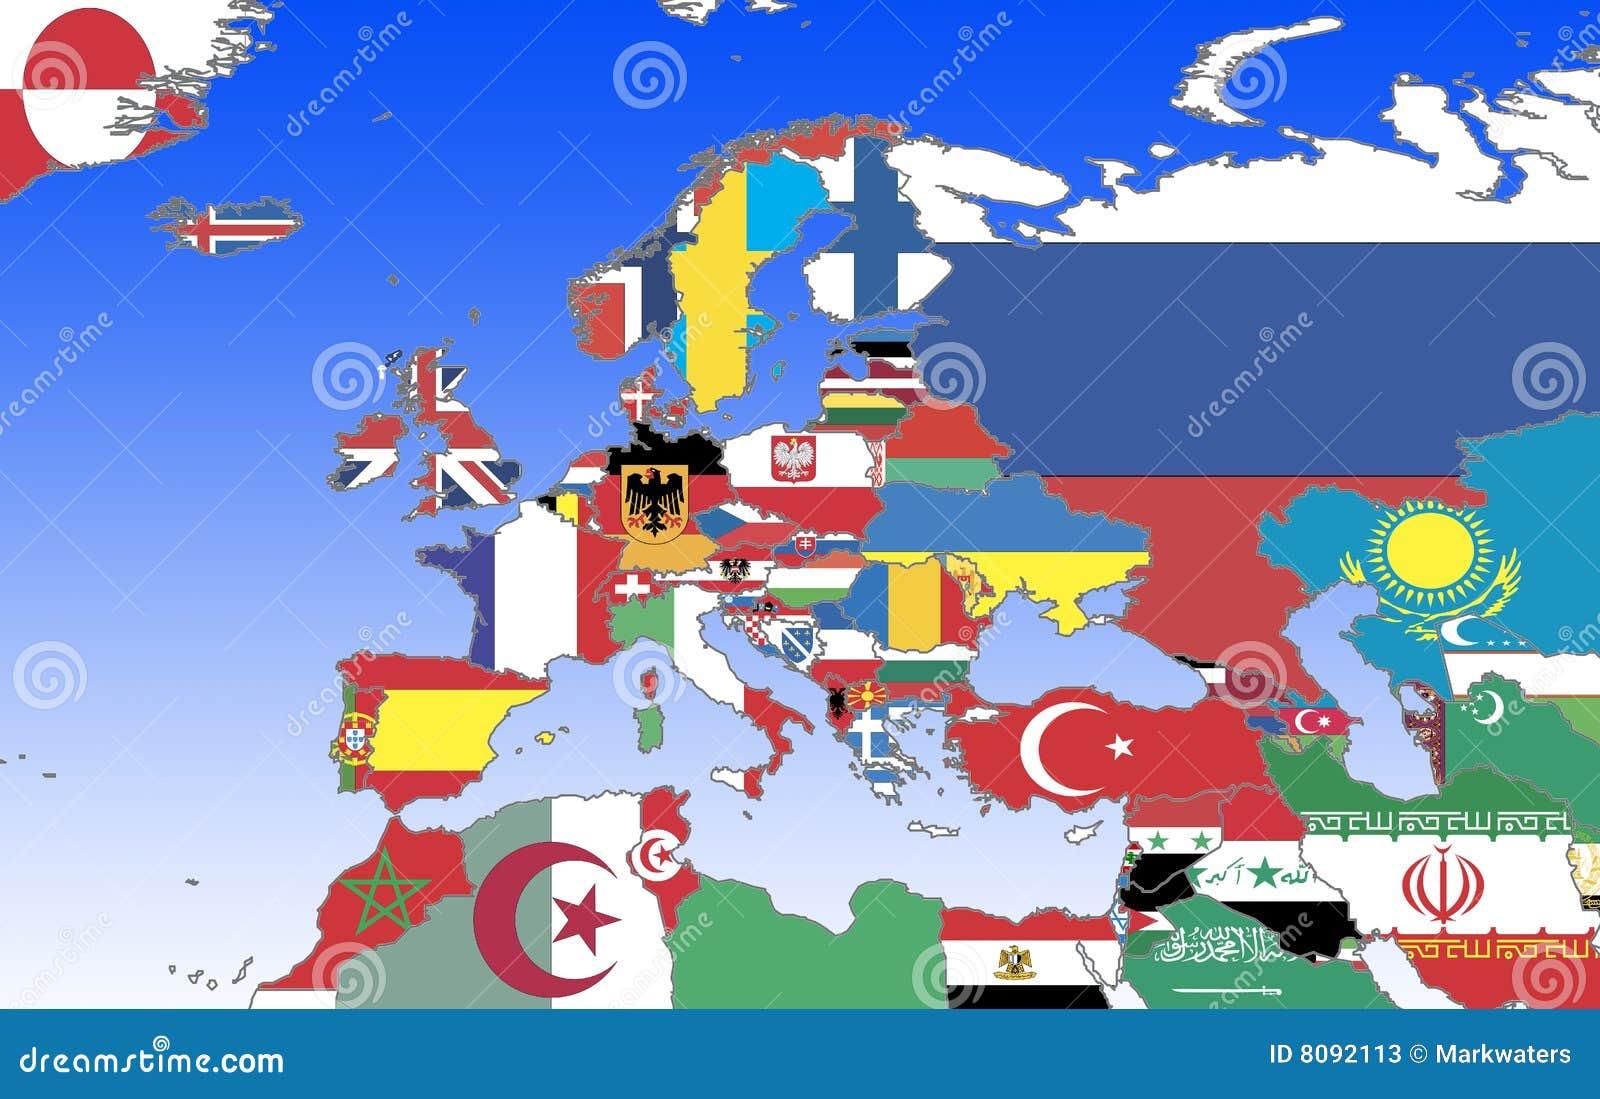 欧洲标记分级显示